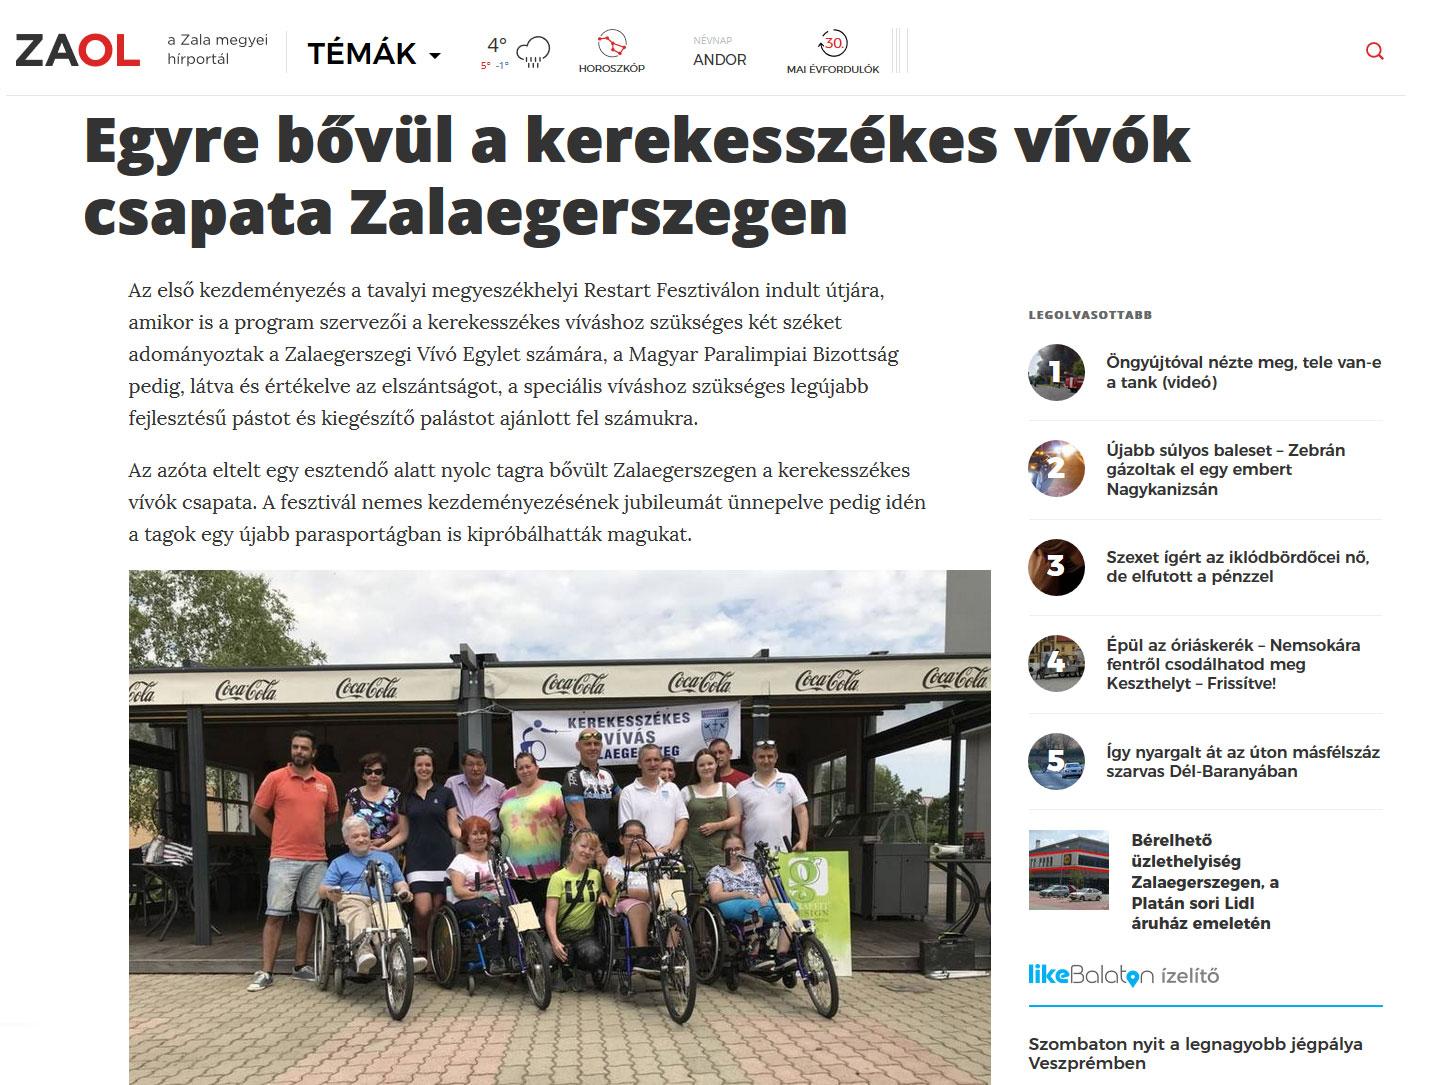 2019 - Egyre bővül a kerekesszékes vívók csapata Zalaegerszegen